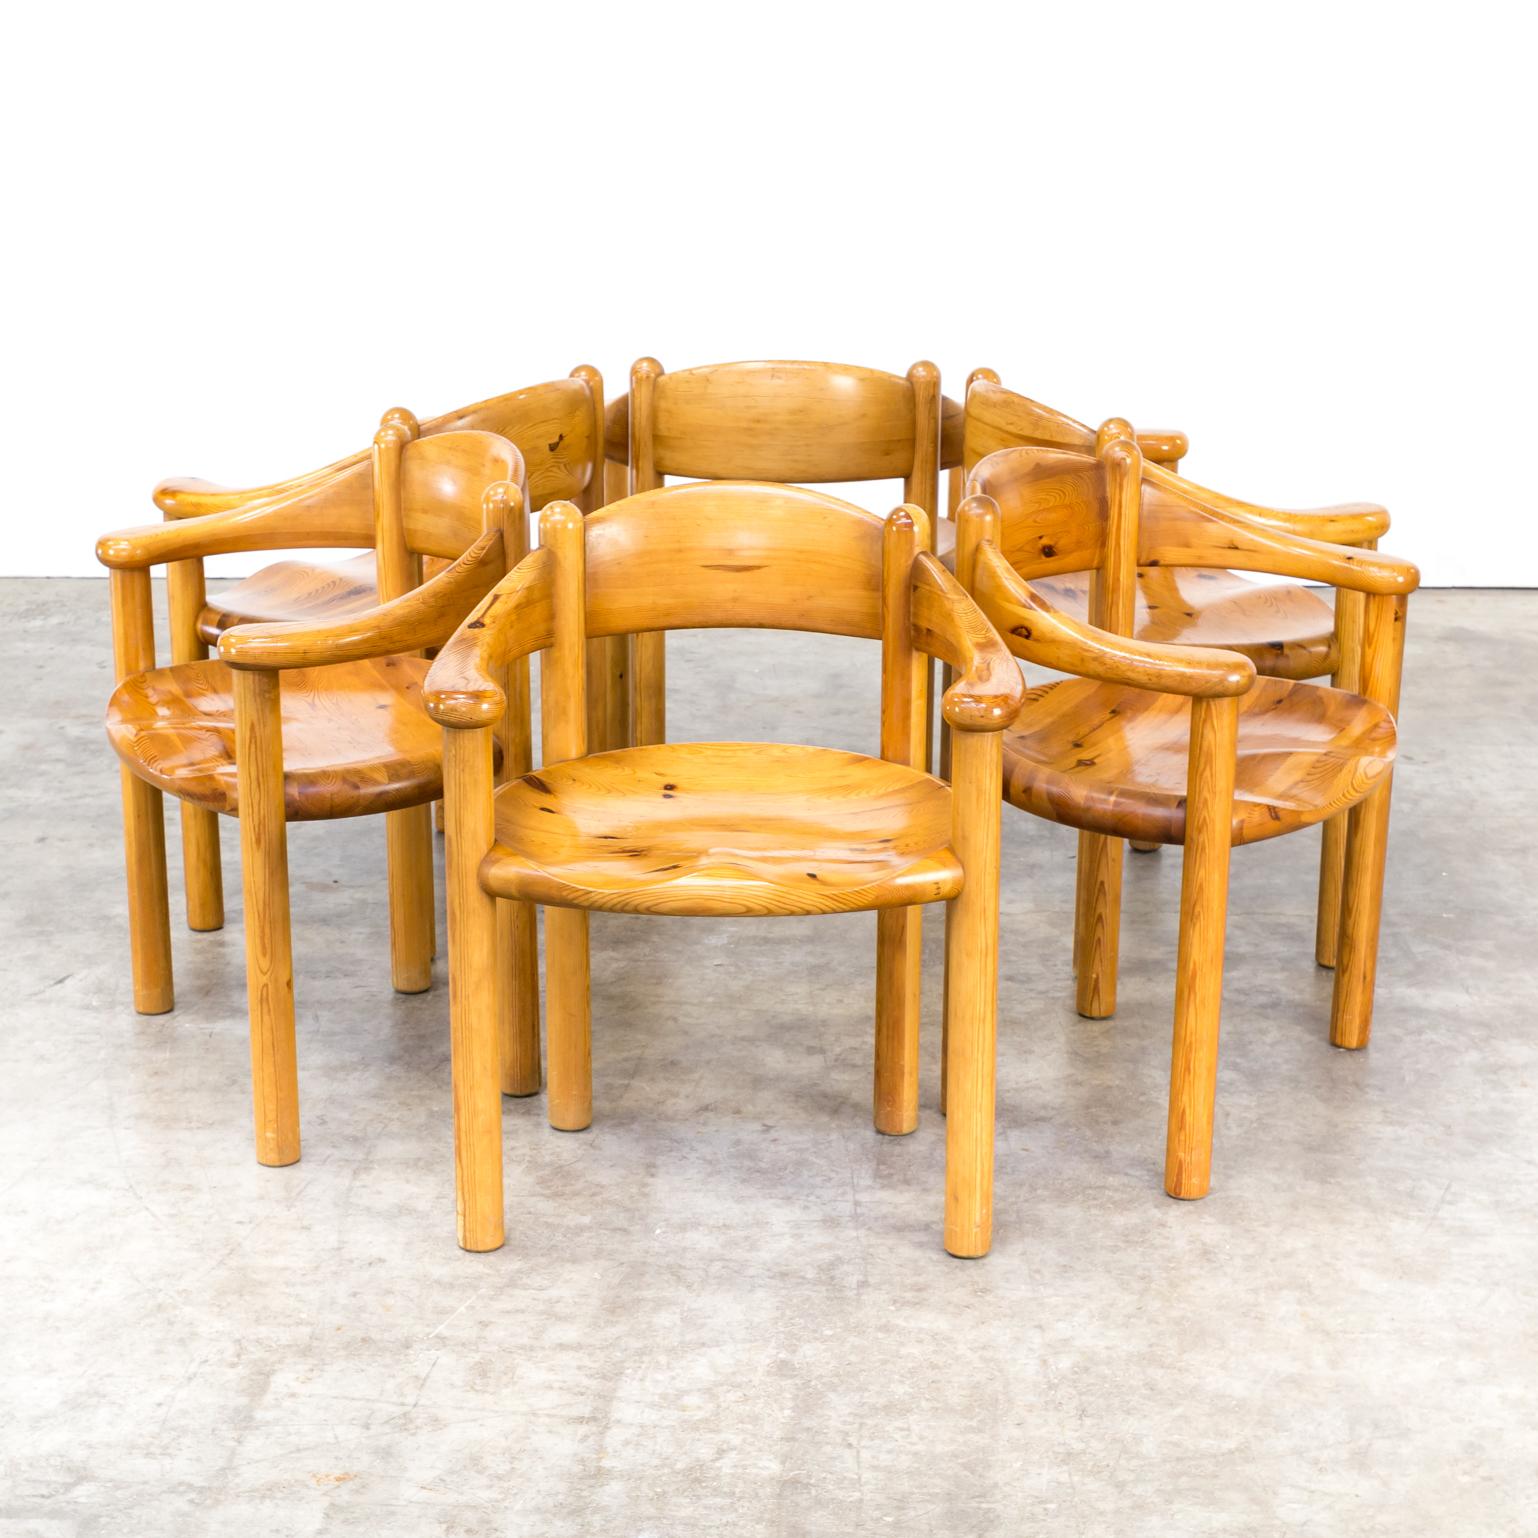 0422117ZST Rainier Daumiller Pine Chair Vintage Retro Design Barbmama